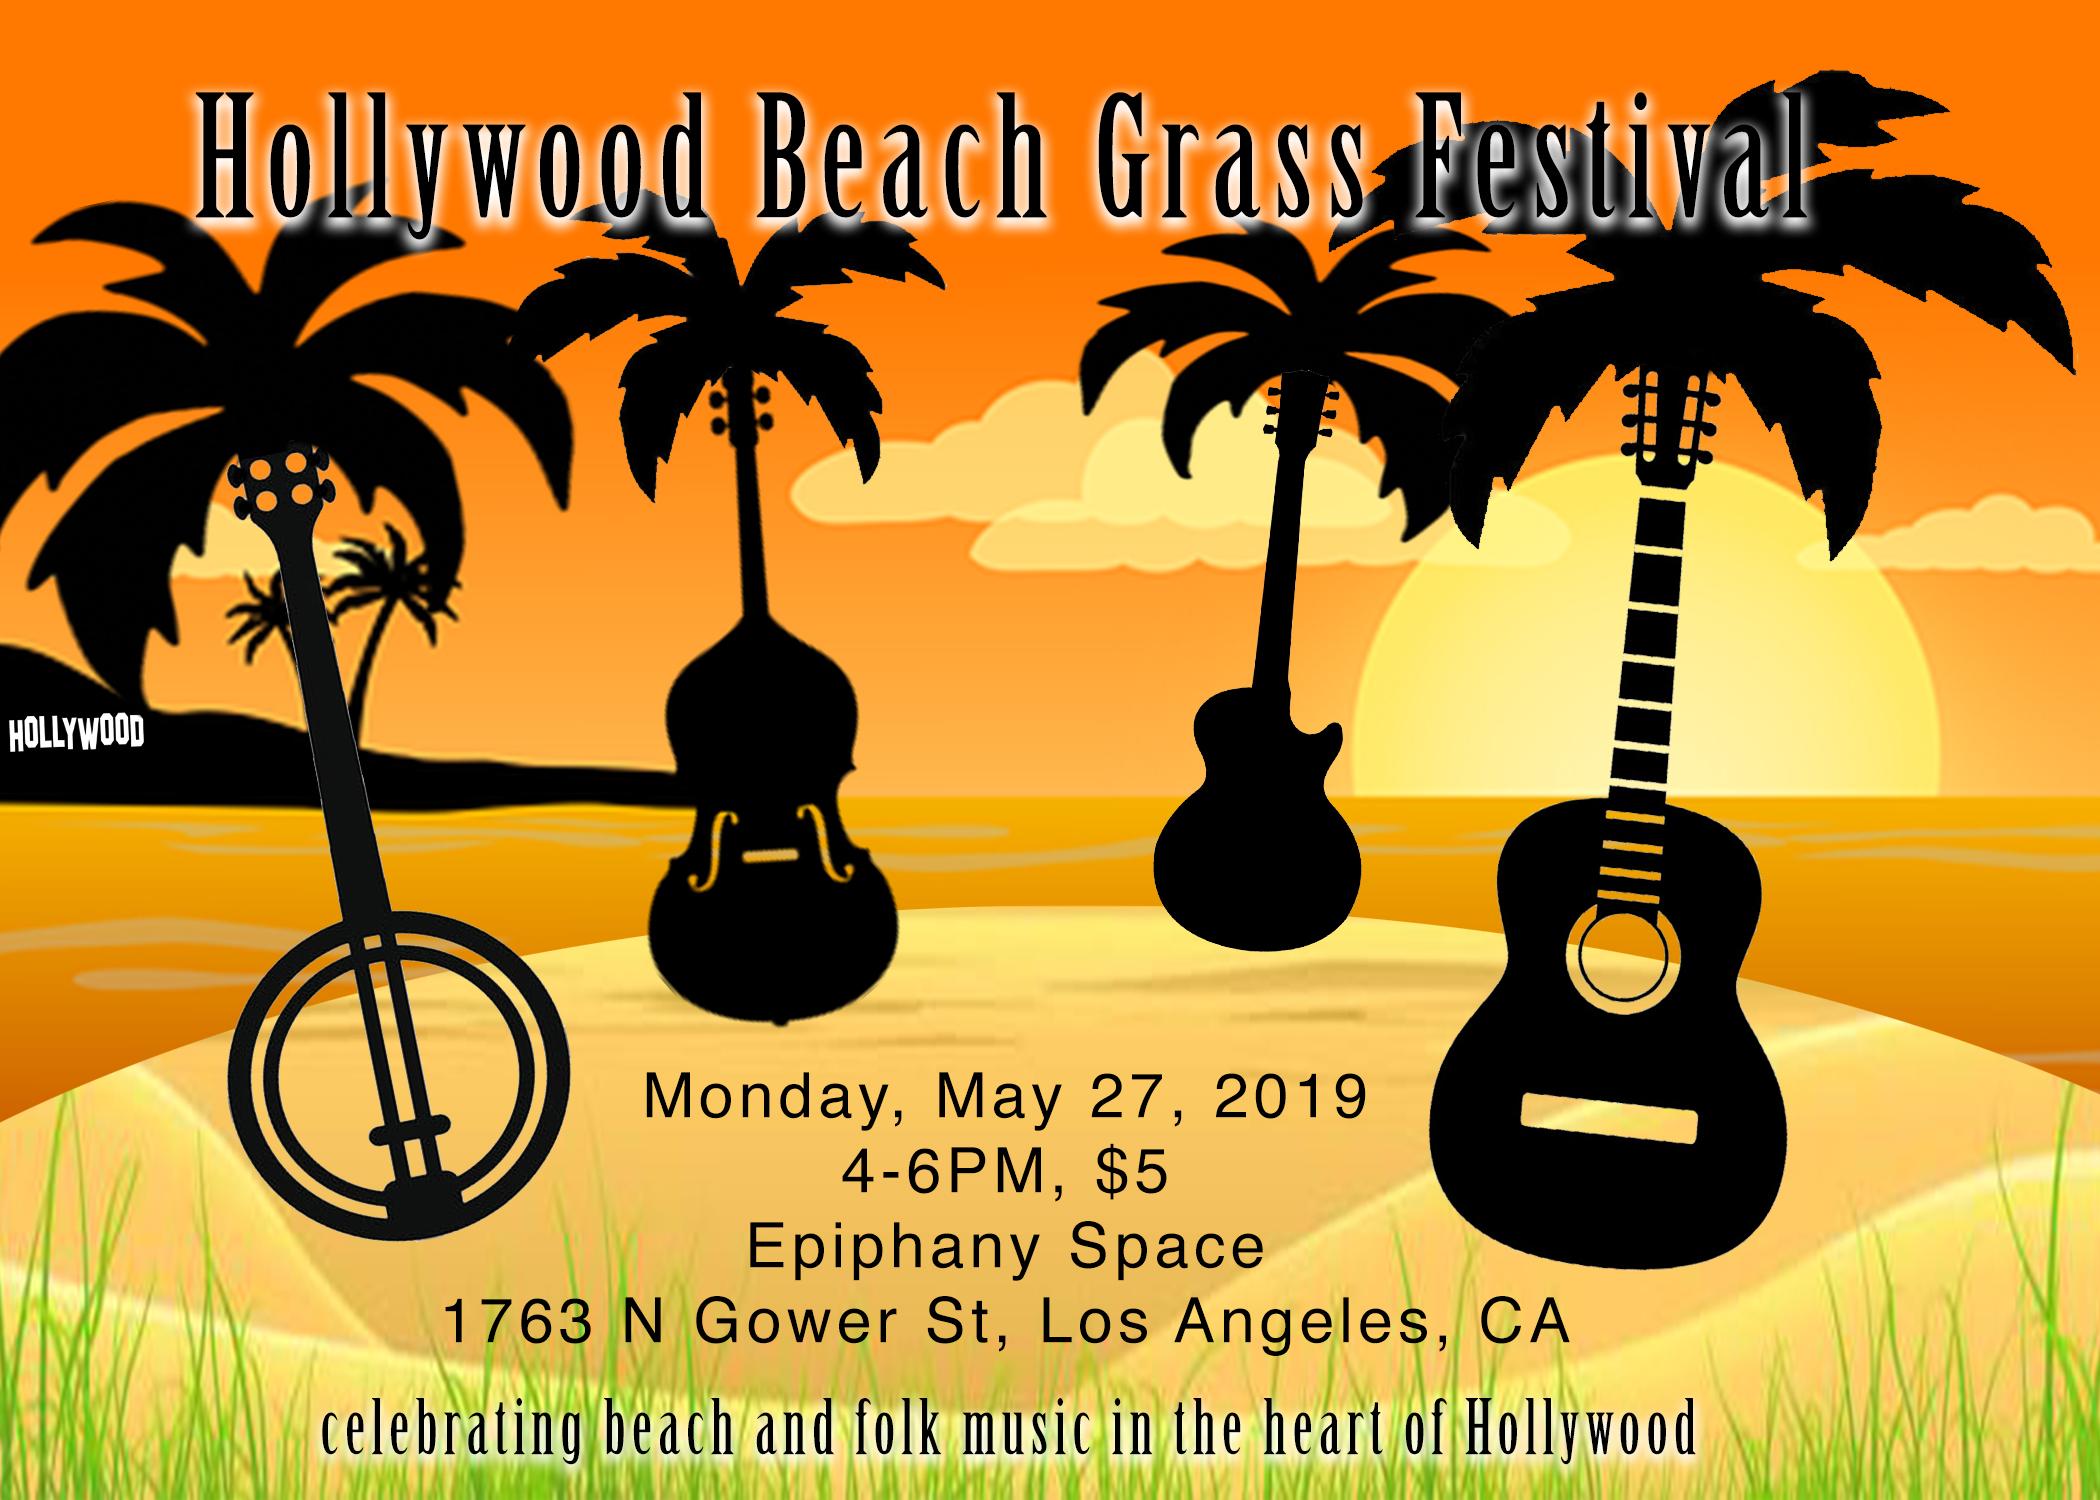 Hollywood Beach Grass Festival